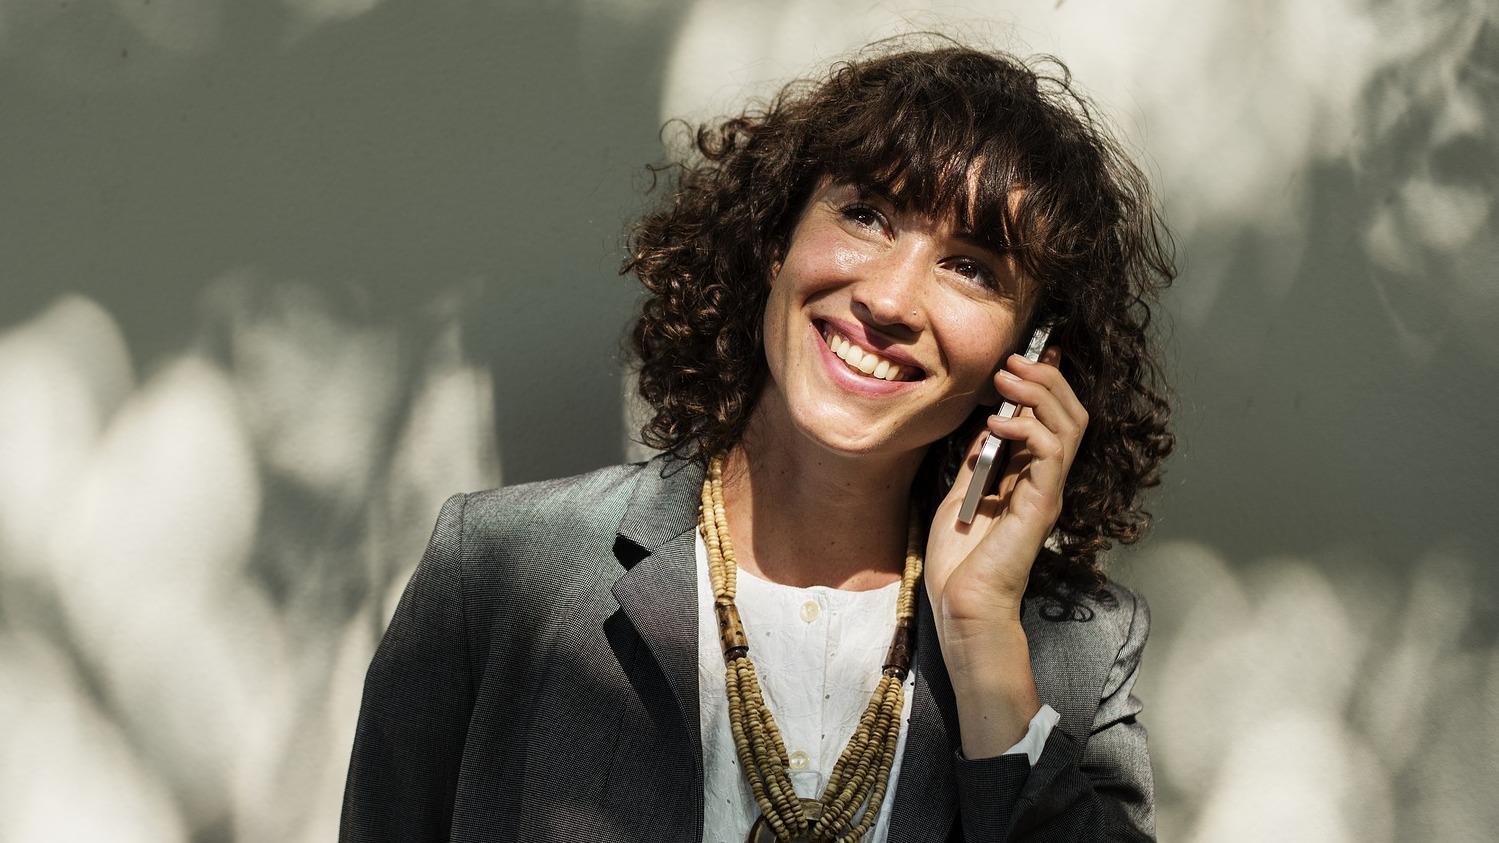 ラジオの「逆電」で電話をかけてもらえる方法!採用確率をアップさせる応募メールの書き方!